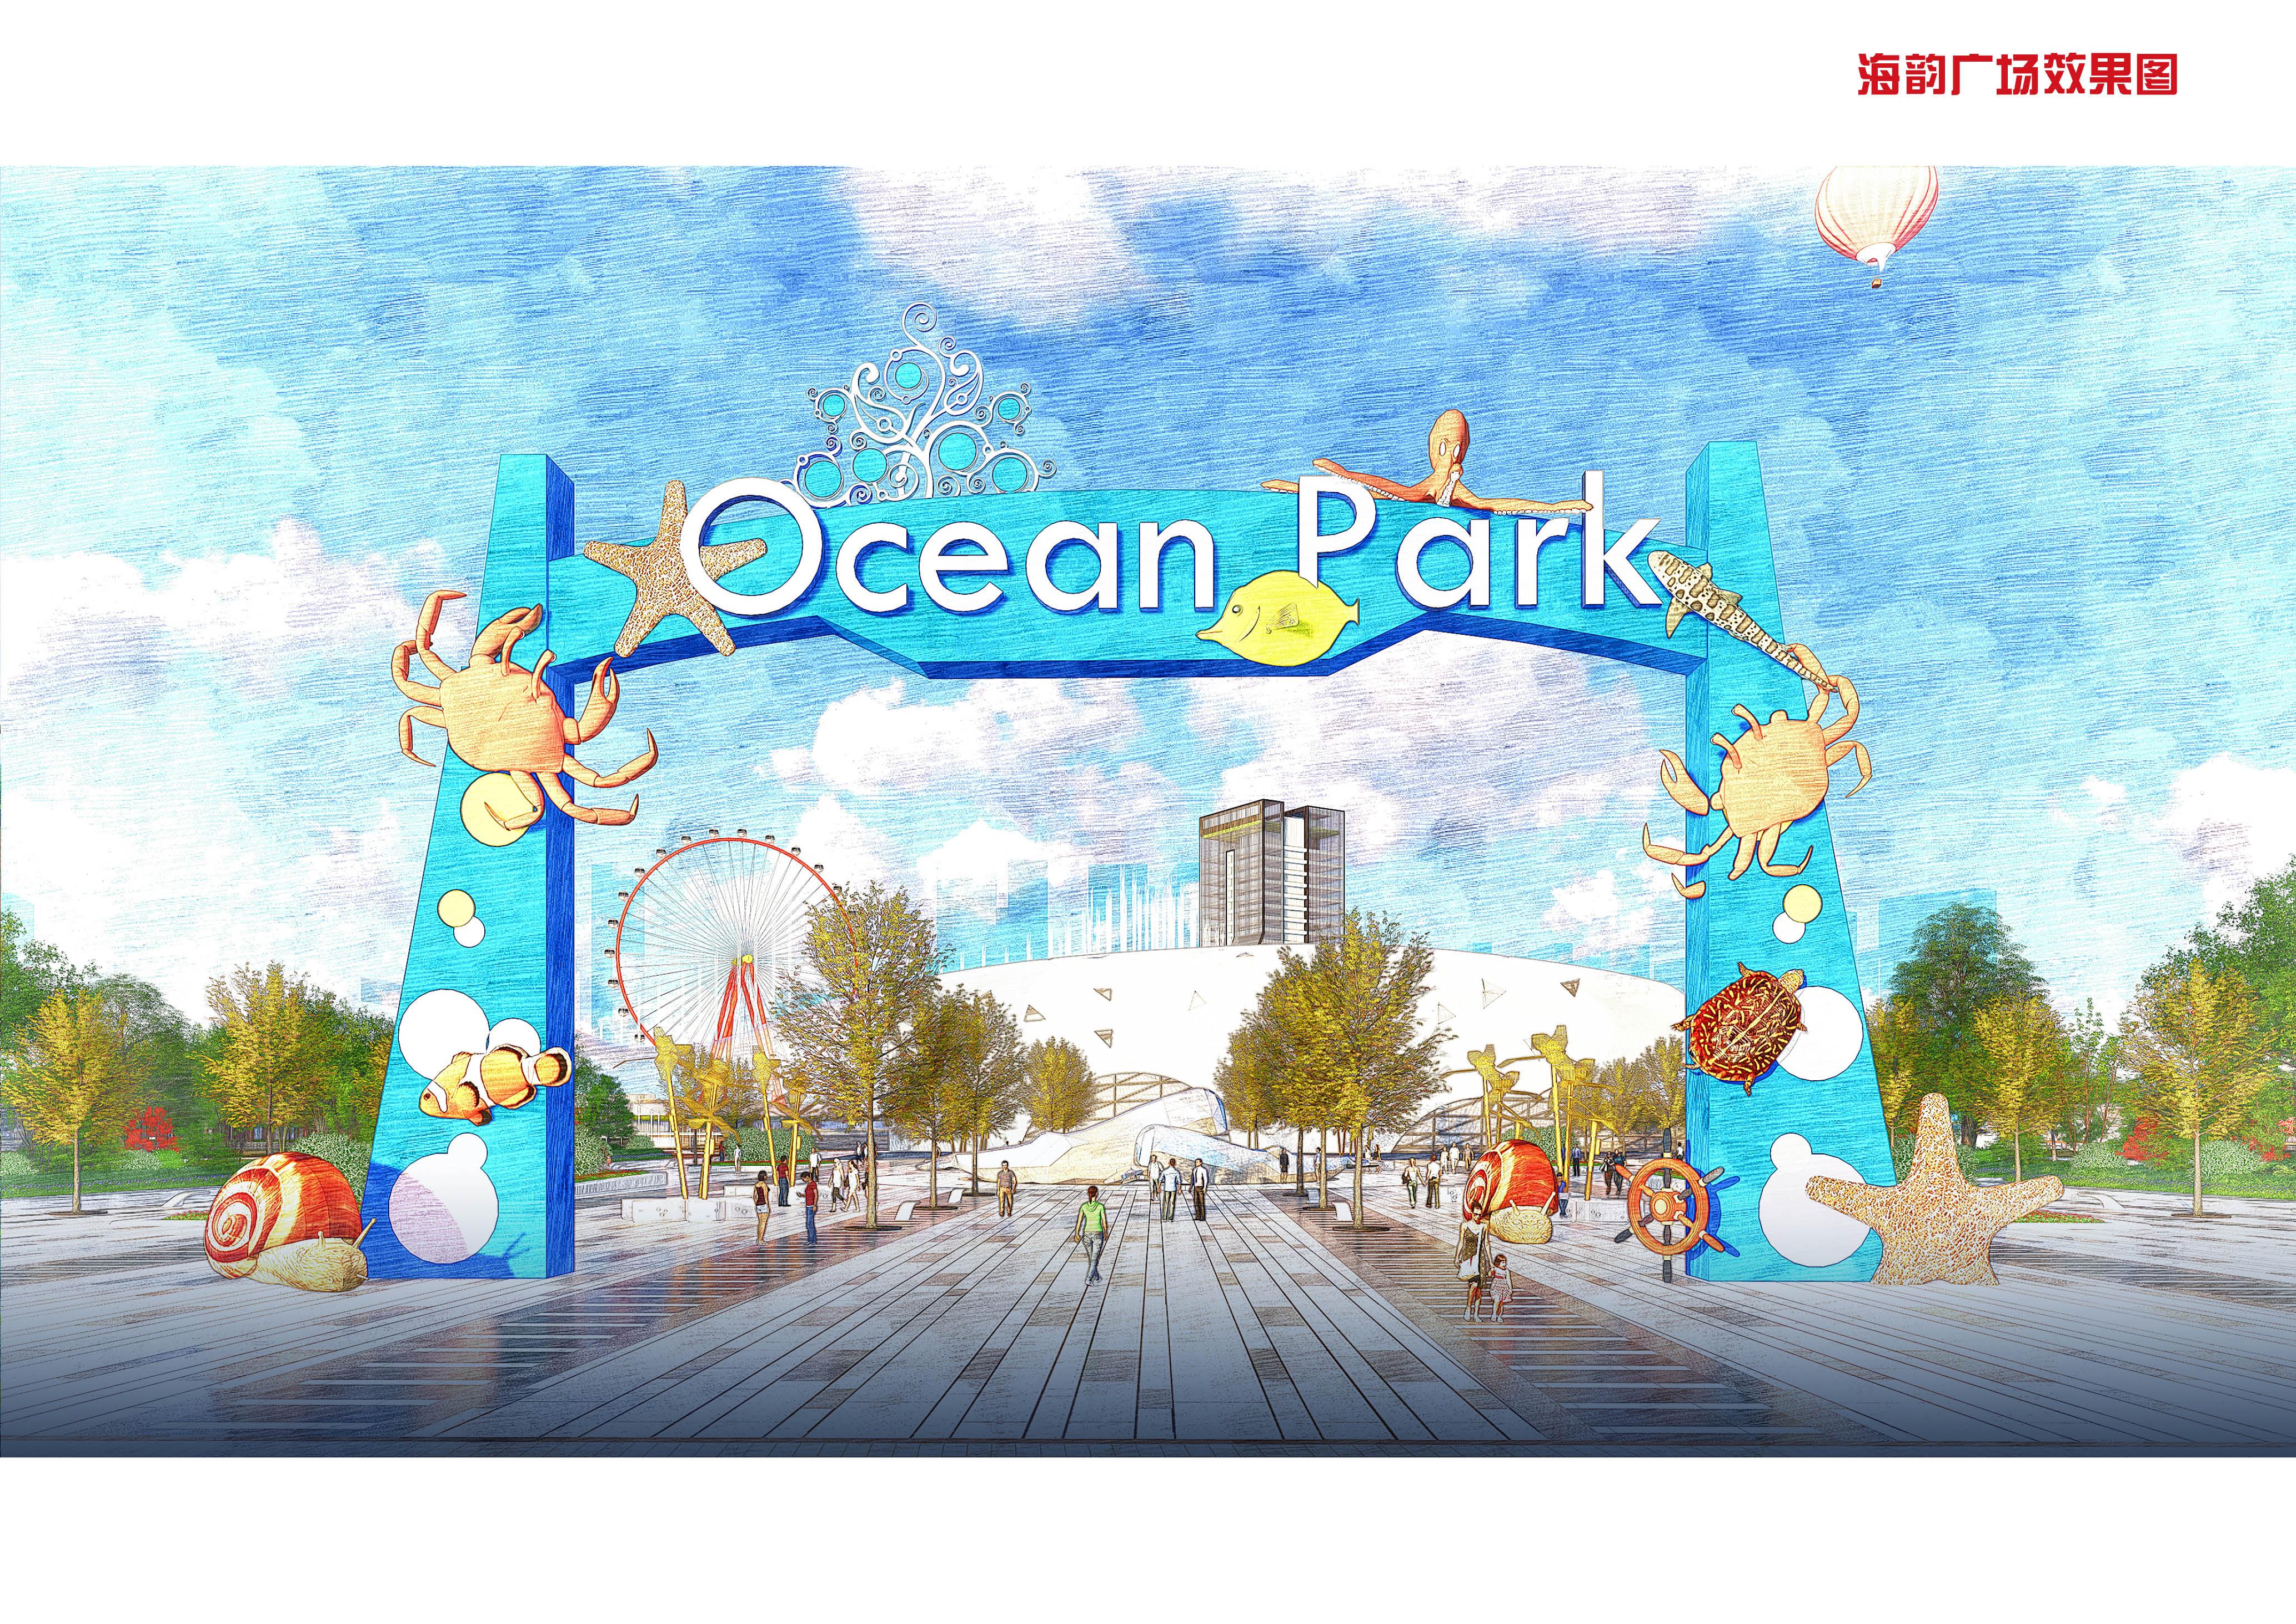 洋口港开发区海洋主题公园-洋口港开发区海洋主题公园景观设计46